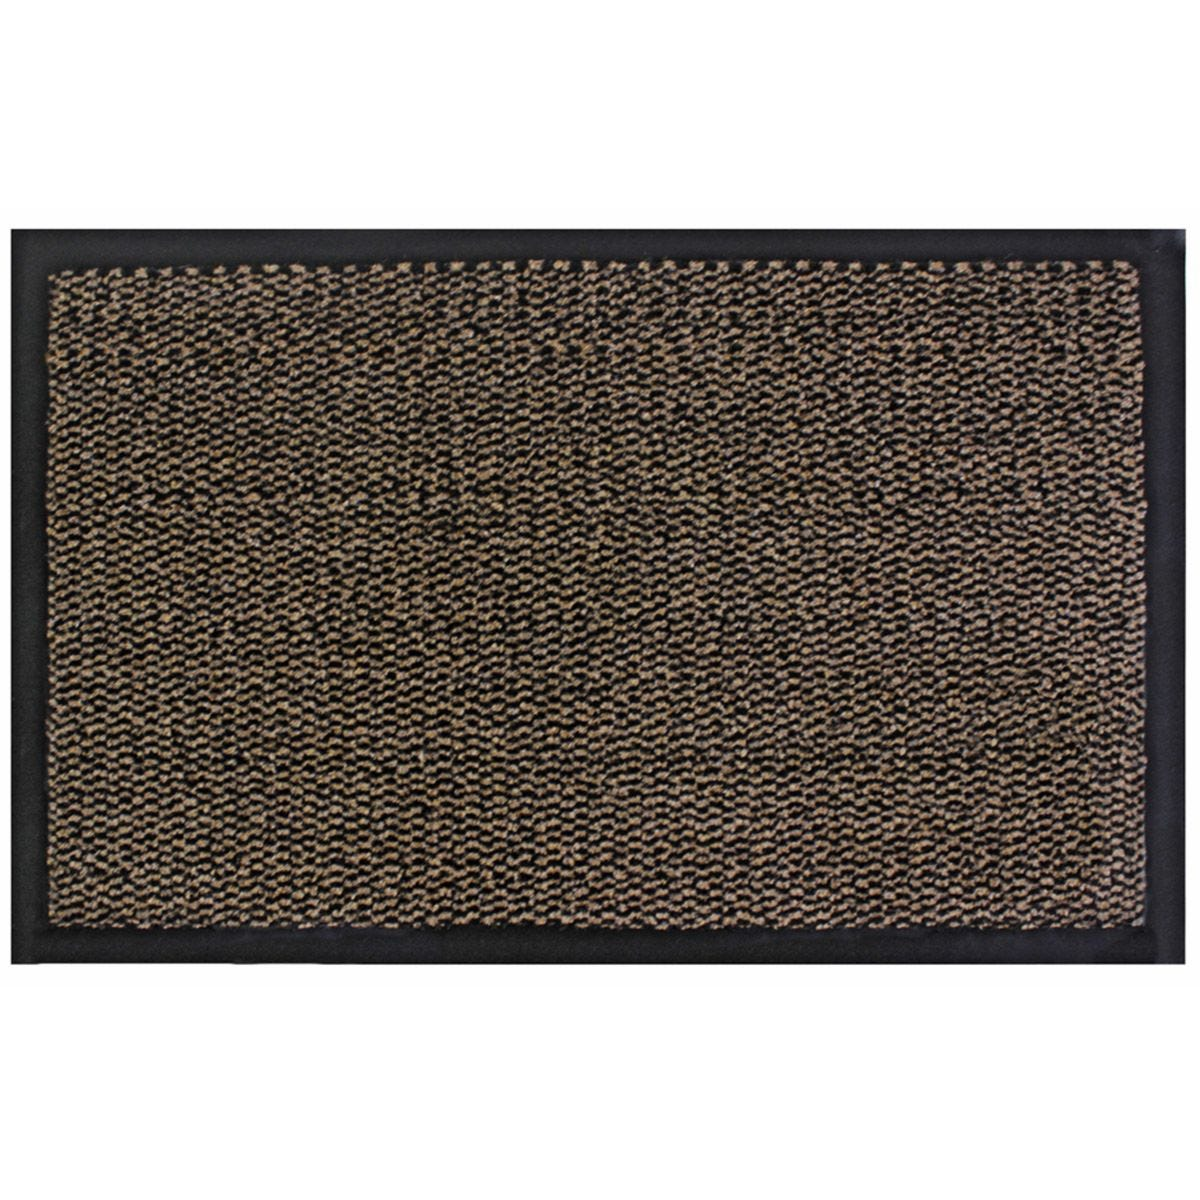 JVL Heavy Duty Commodore Backed Barrier Door Floor Mat Brown/Black 60 x 80 cm